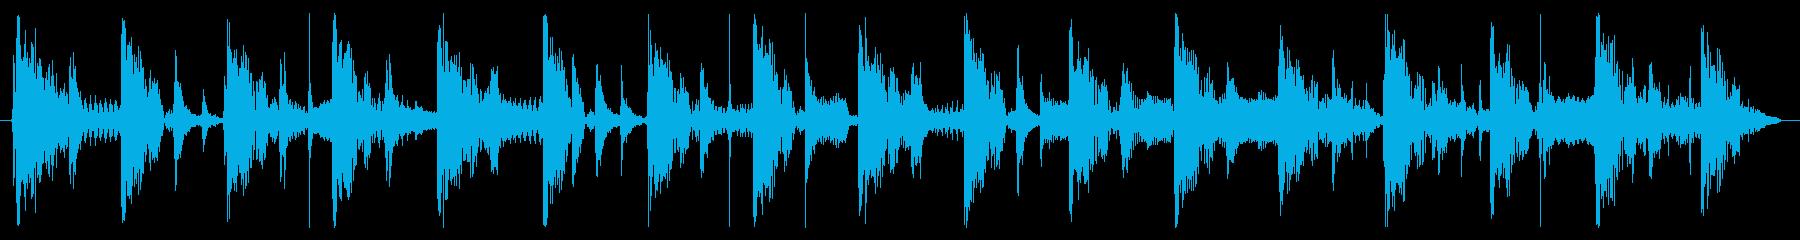 ベース生演奏のクールスラップジングル03の再生済みの波形